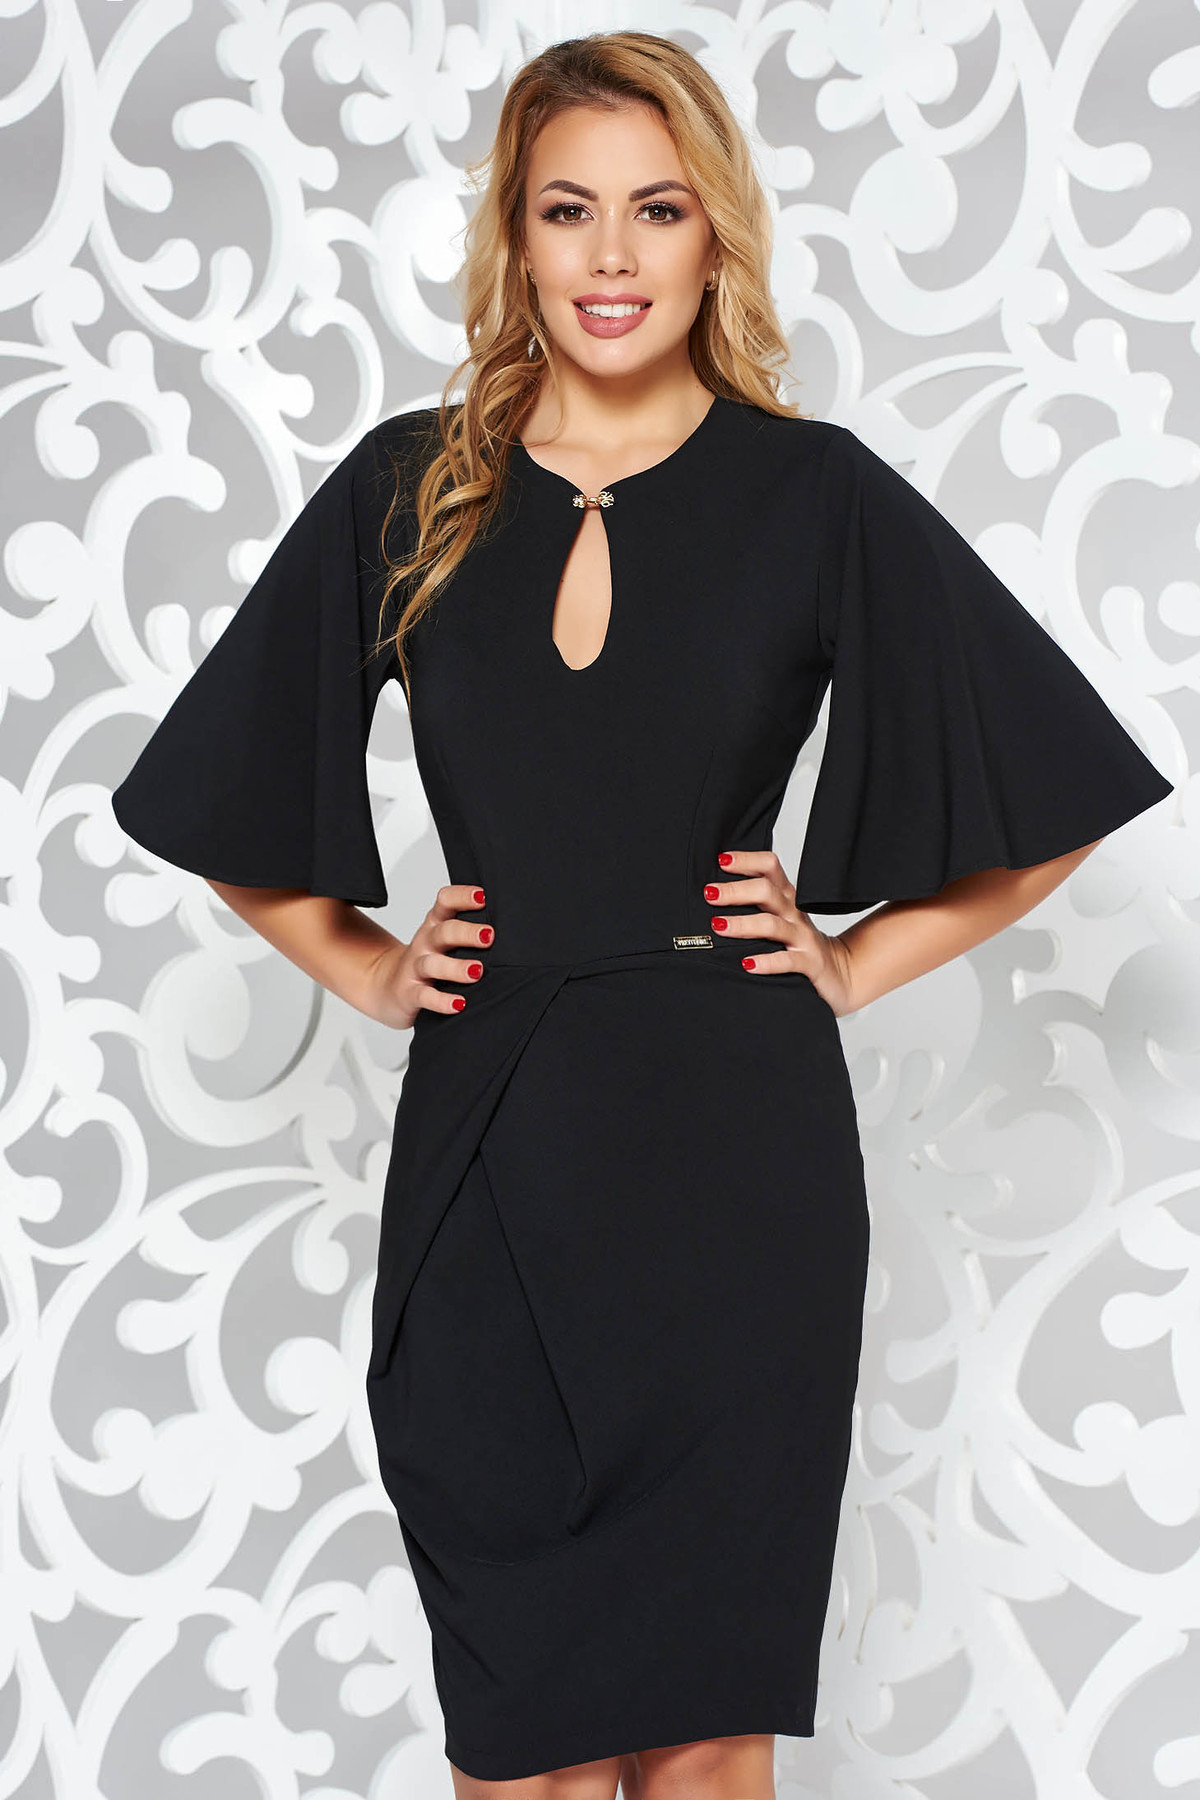 Rochie PrettyGirl neagra eleganta tip creion din stofa subtire usor elastica cu un croi mulat cu accesoriu metalic